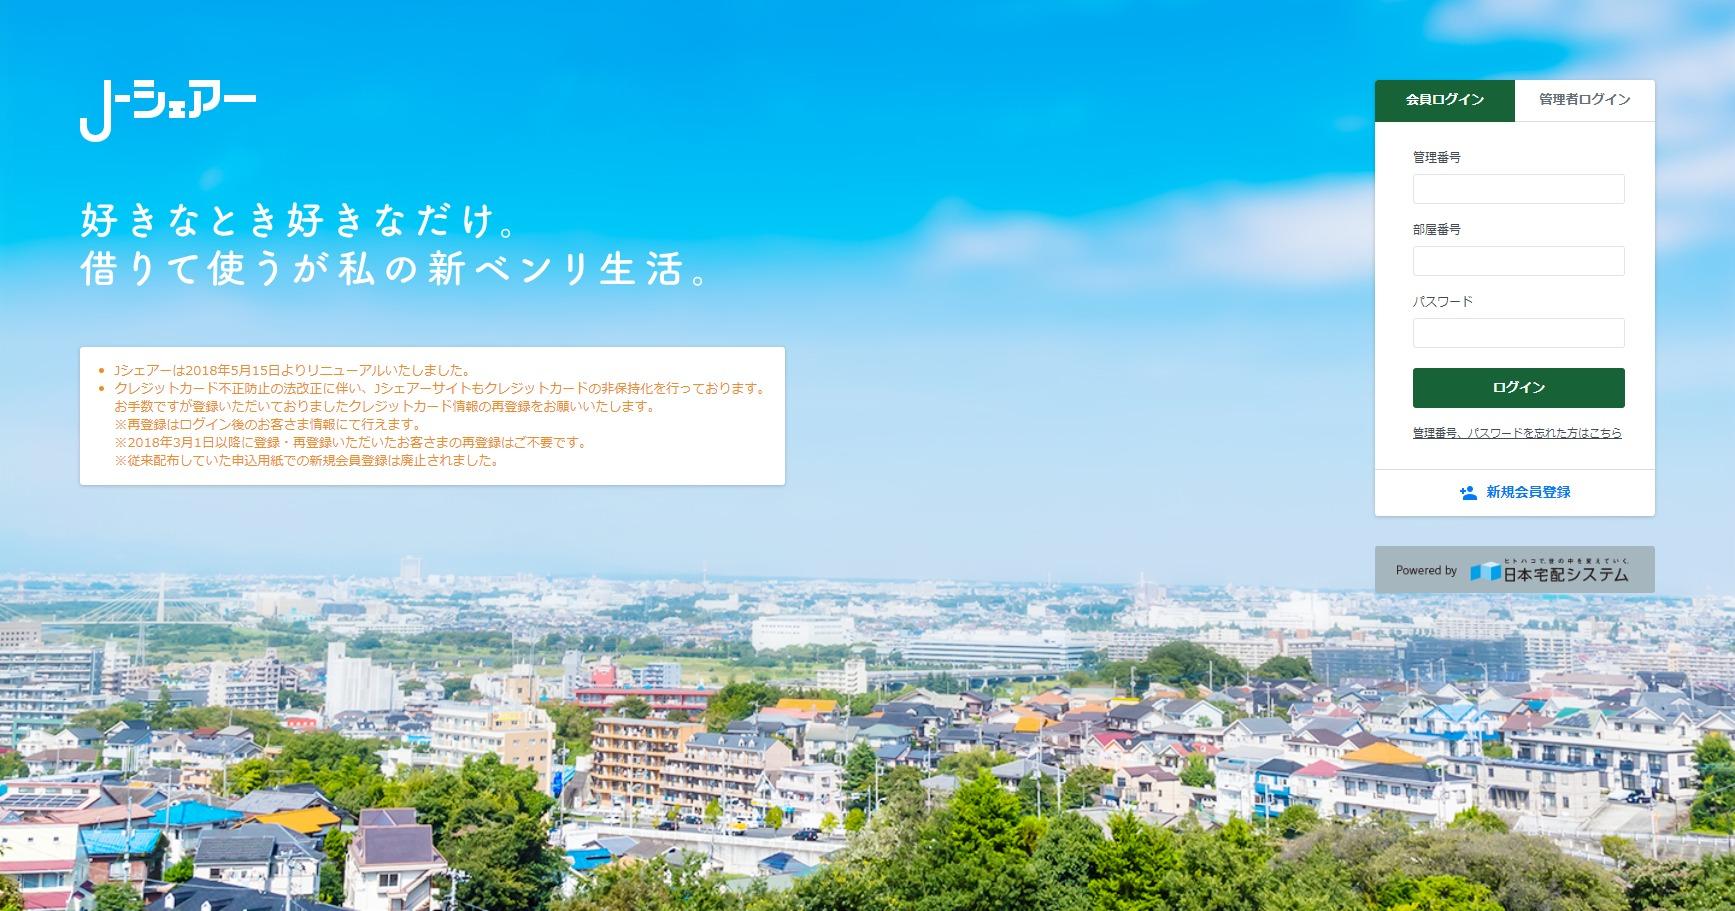 screencapture-j-share-jp-2018-11-29-12_47_11